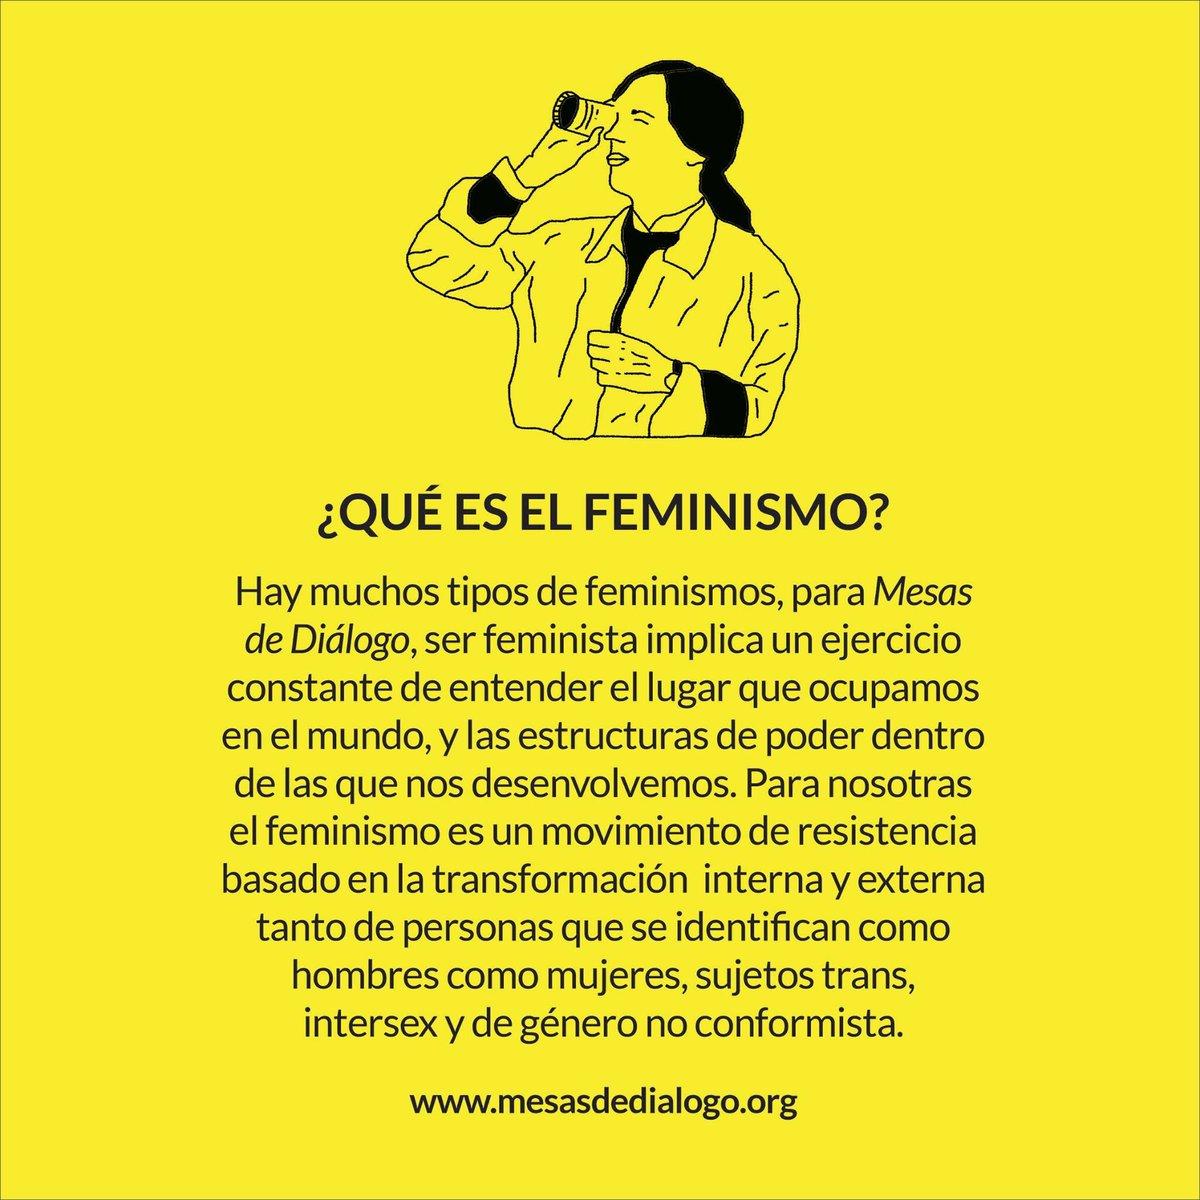 #feminismo #md #teresadelauretis https://t.co/QHUQp2XjTs